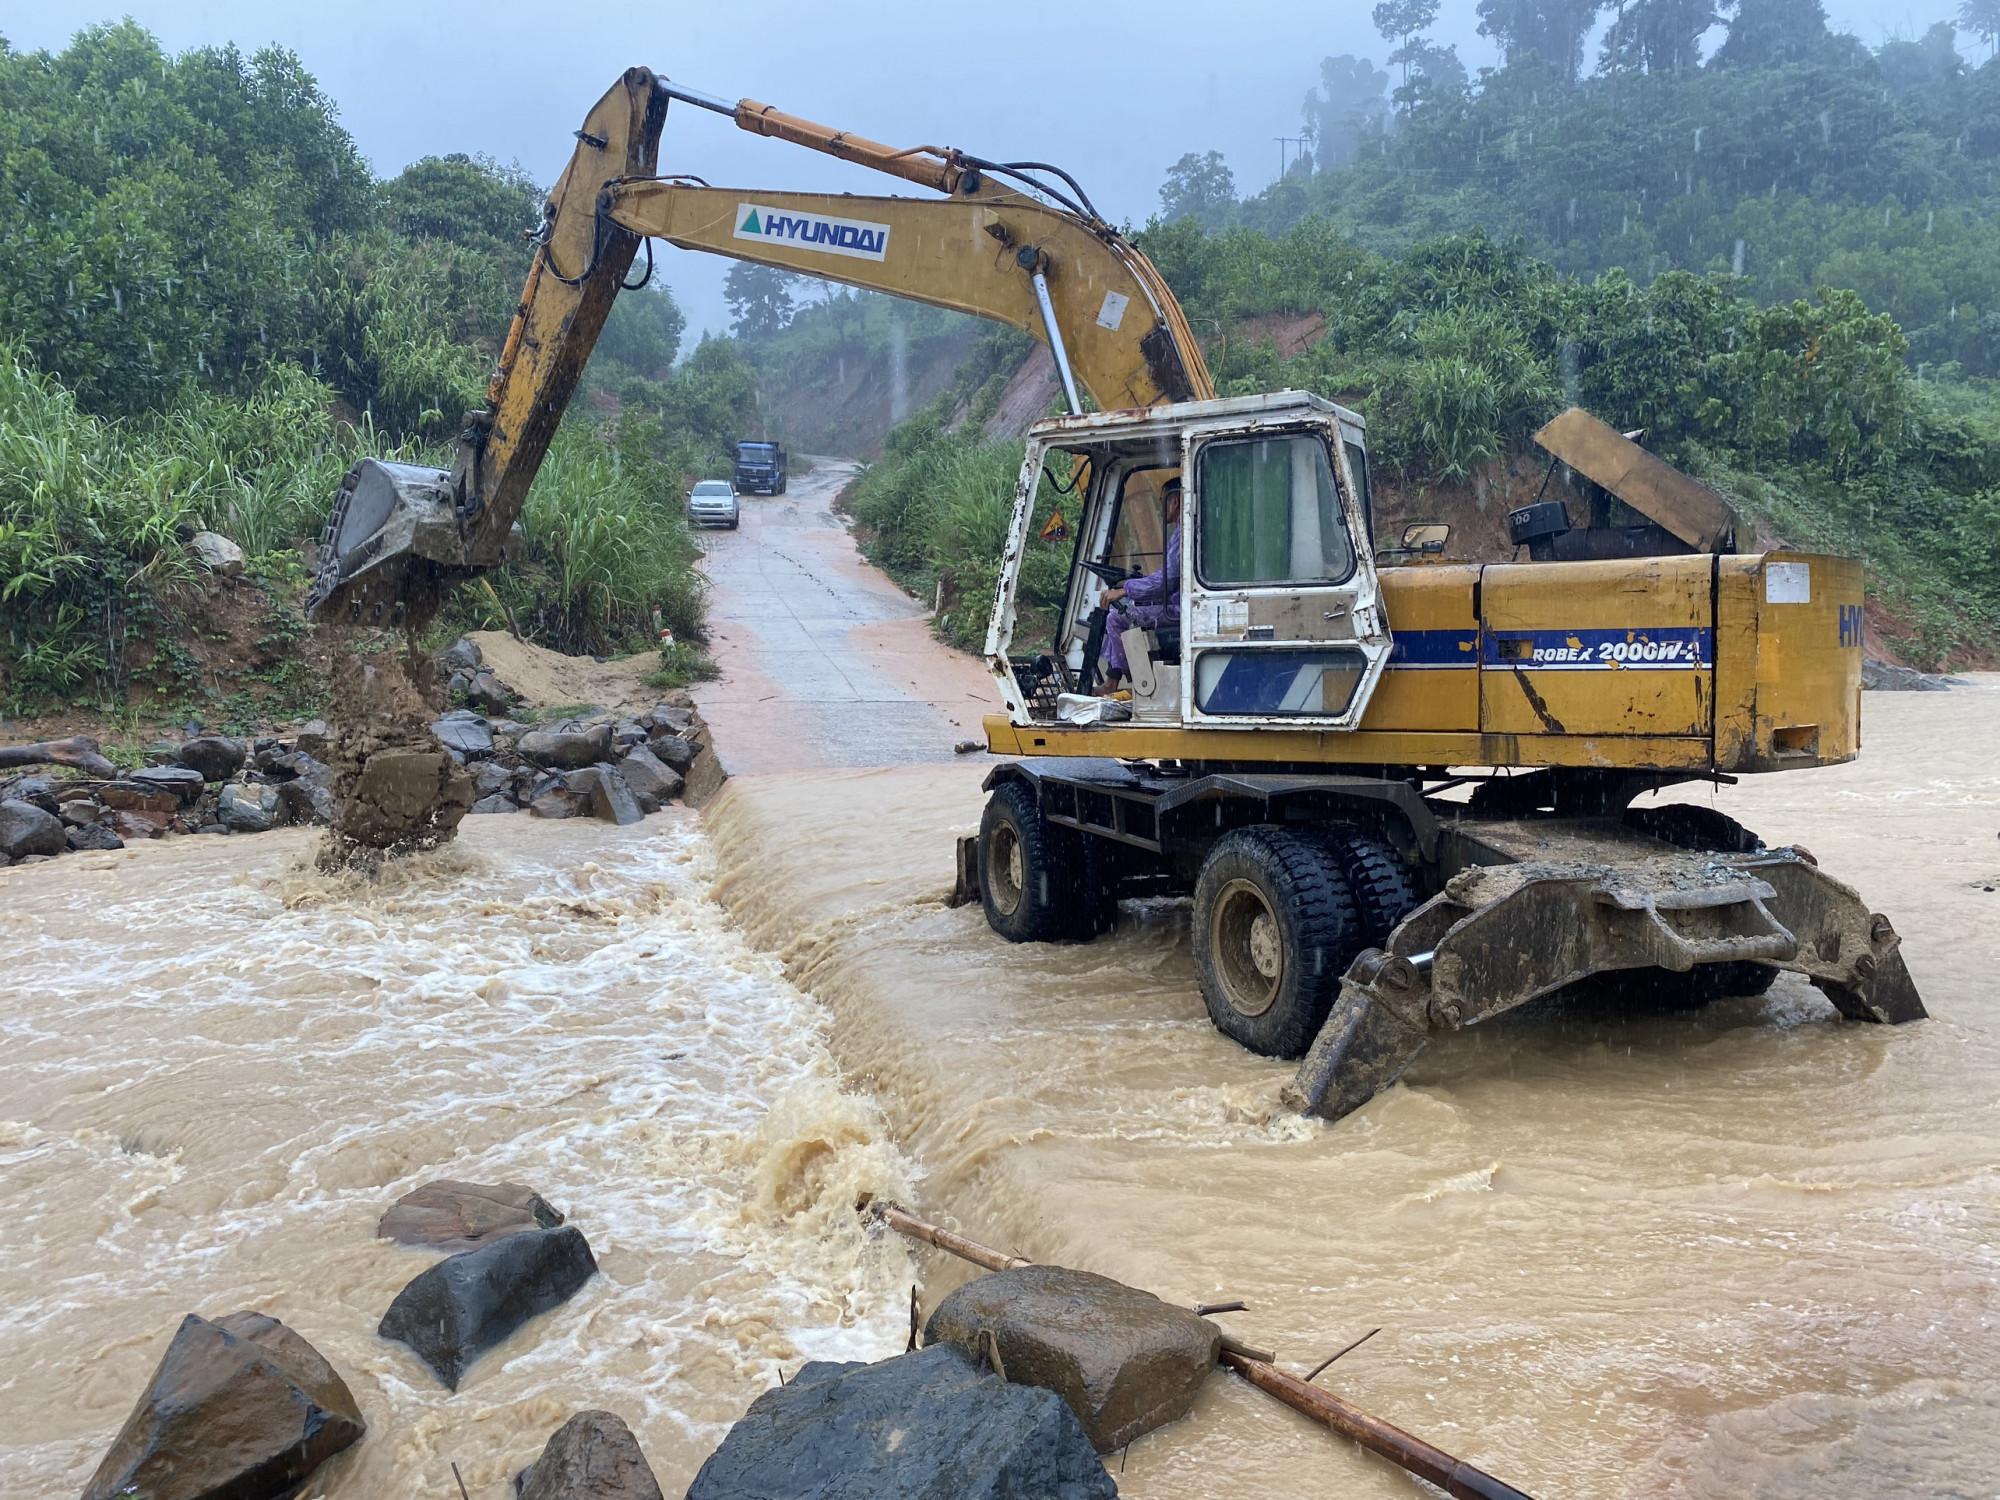 Hiện tại, huyện Phước Sơn đang di dời 260 hộ với gần 1000 nhân khẩu đến nơi an toàn để tránh trú. Các phương tiện cơ giới sẵn sàng thực hiện thông đường mỗi khi xảy ra sạt lở